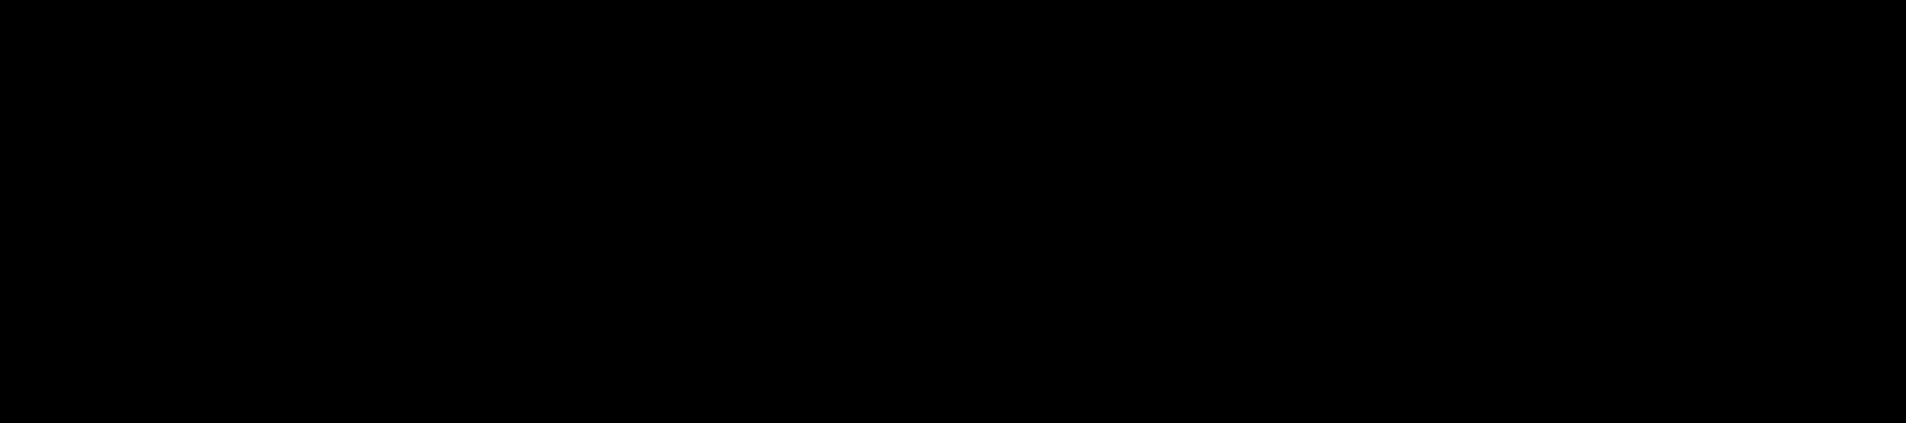 Projekt8_Logo_black